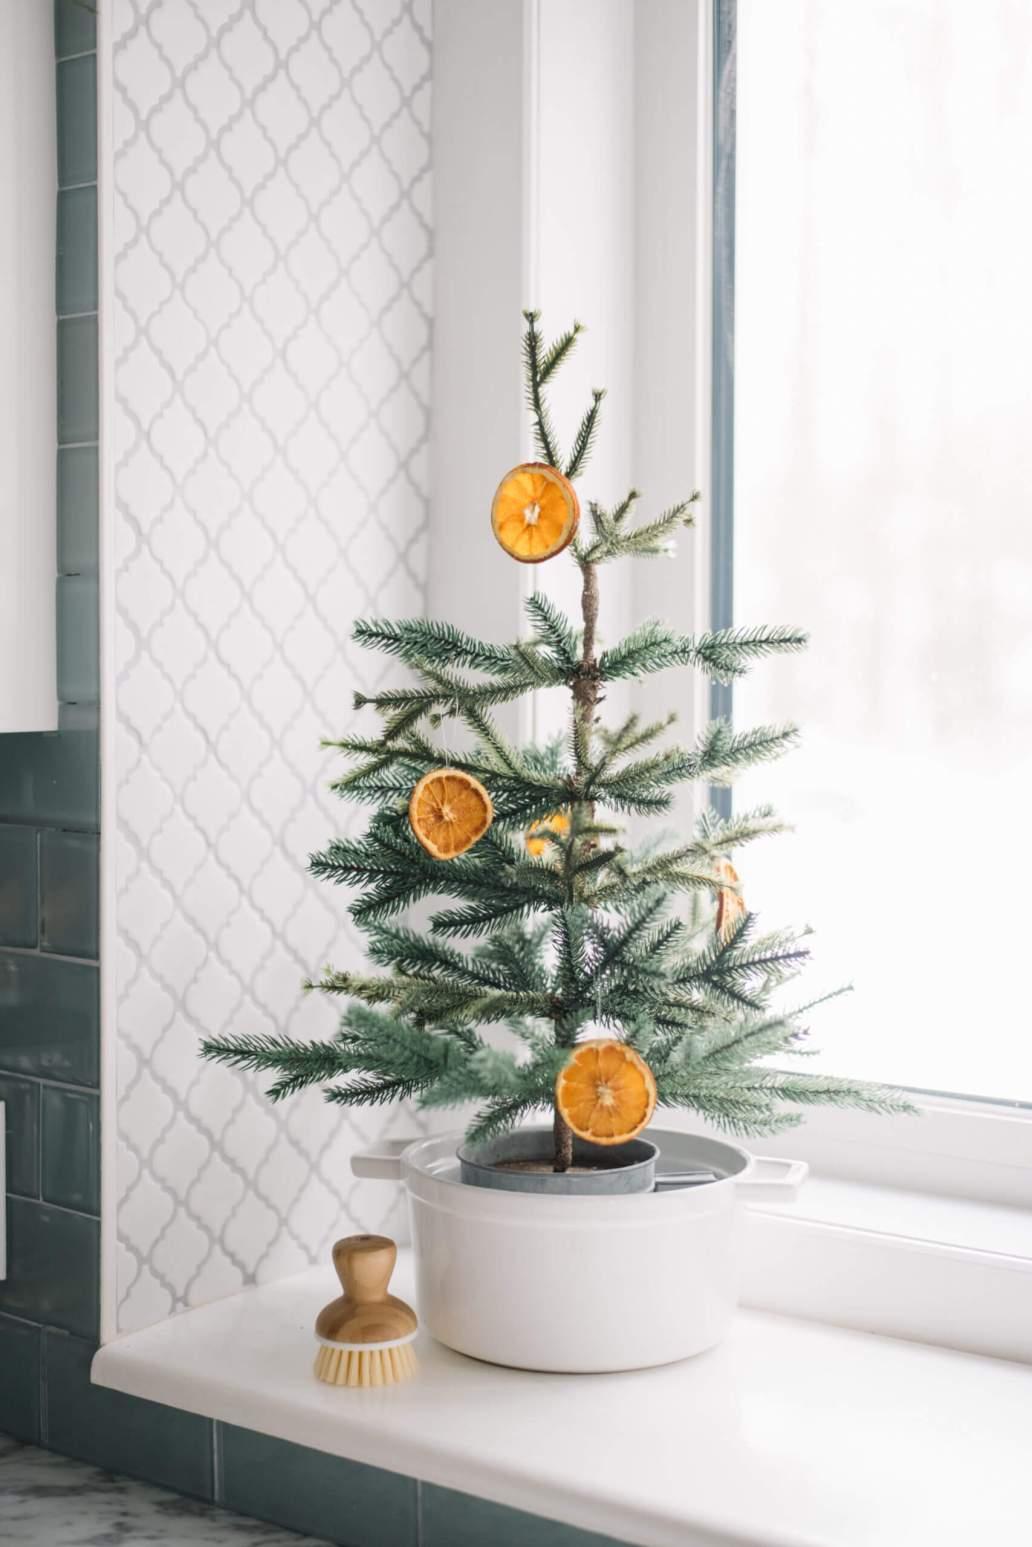 image 8 scaled 1 1366x2048 - Inspiration : comment faire une déco de Noël pas kitsch